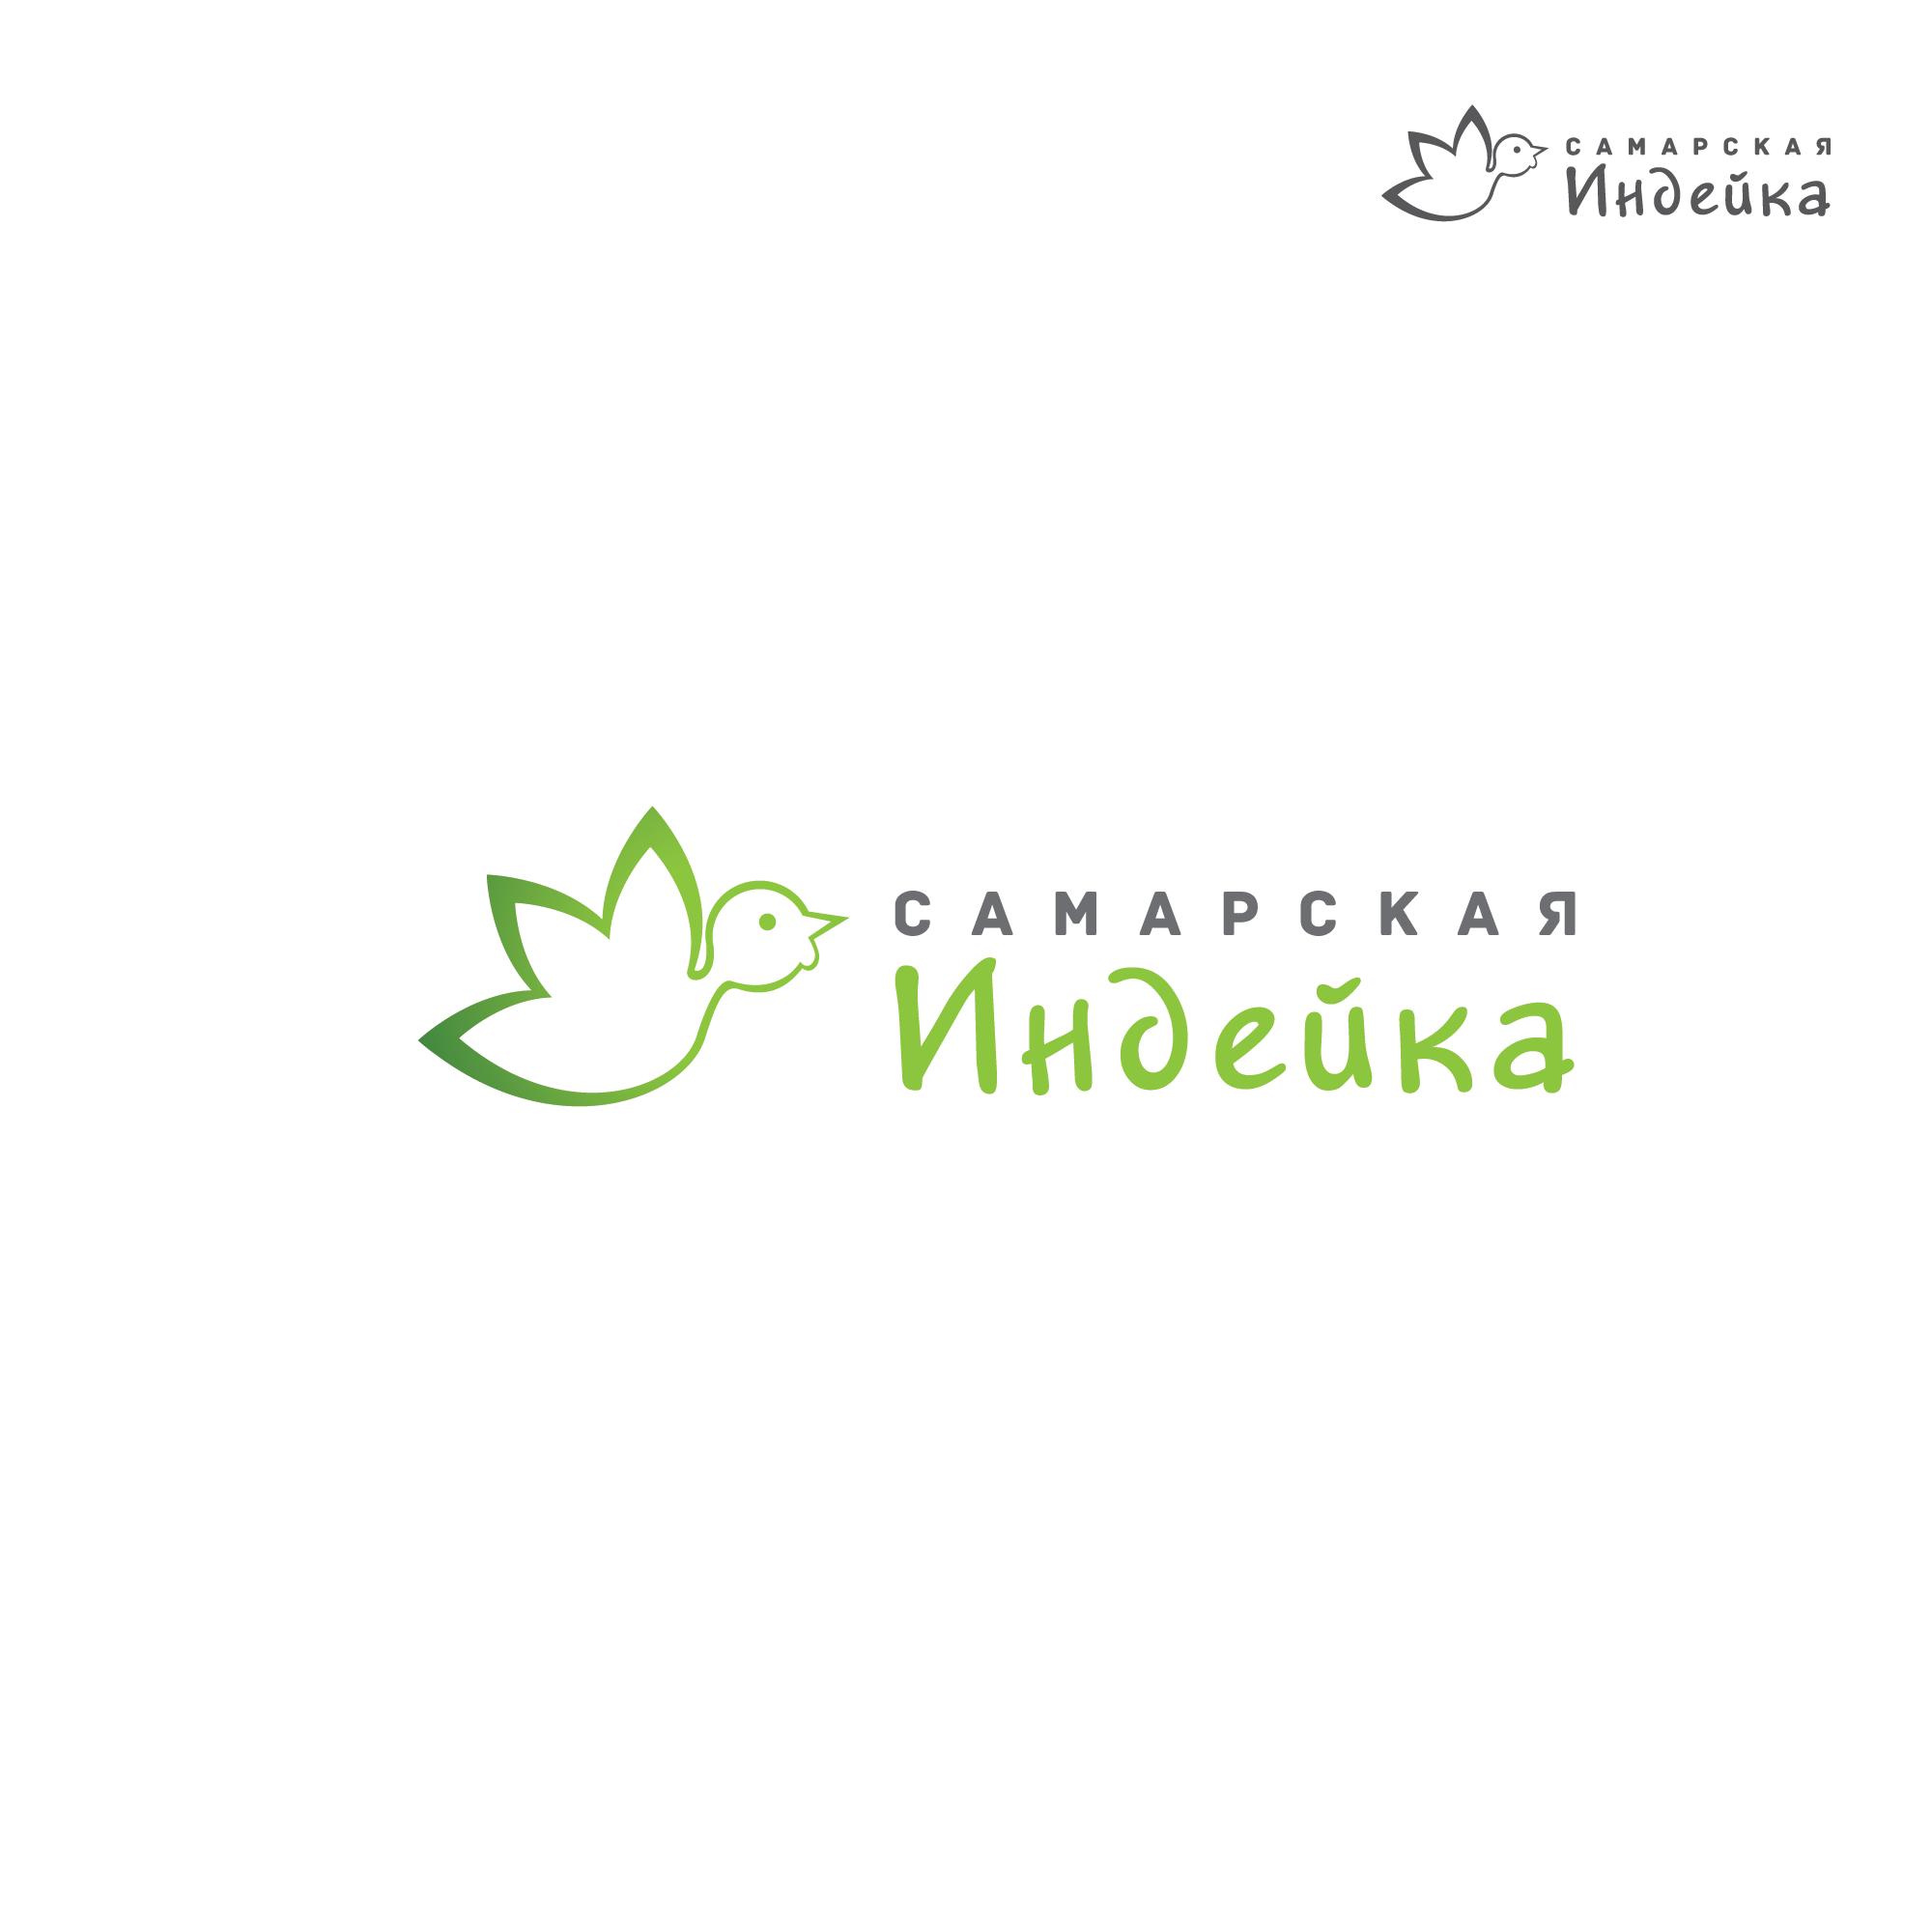 Создание логотипа Сельхоз производителя фото f_12055df5c1ce555c.png